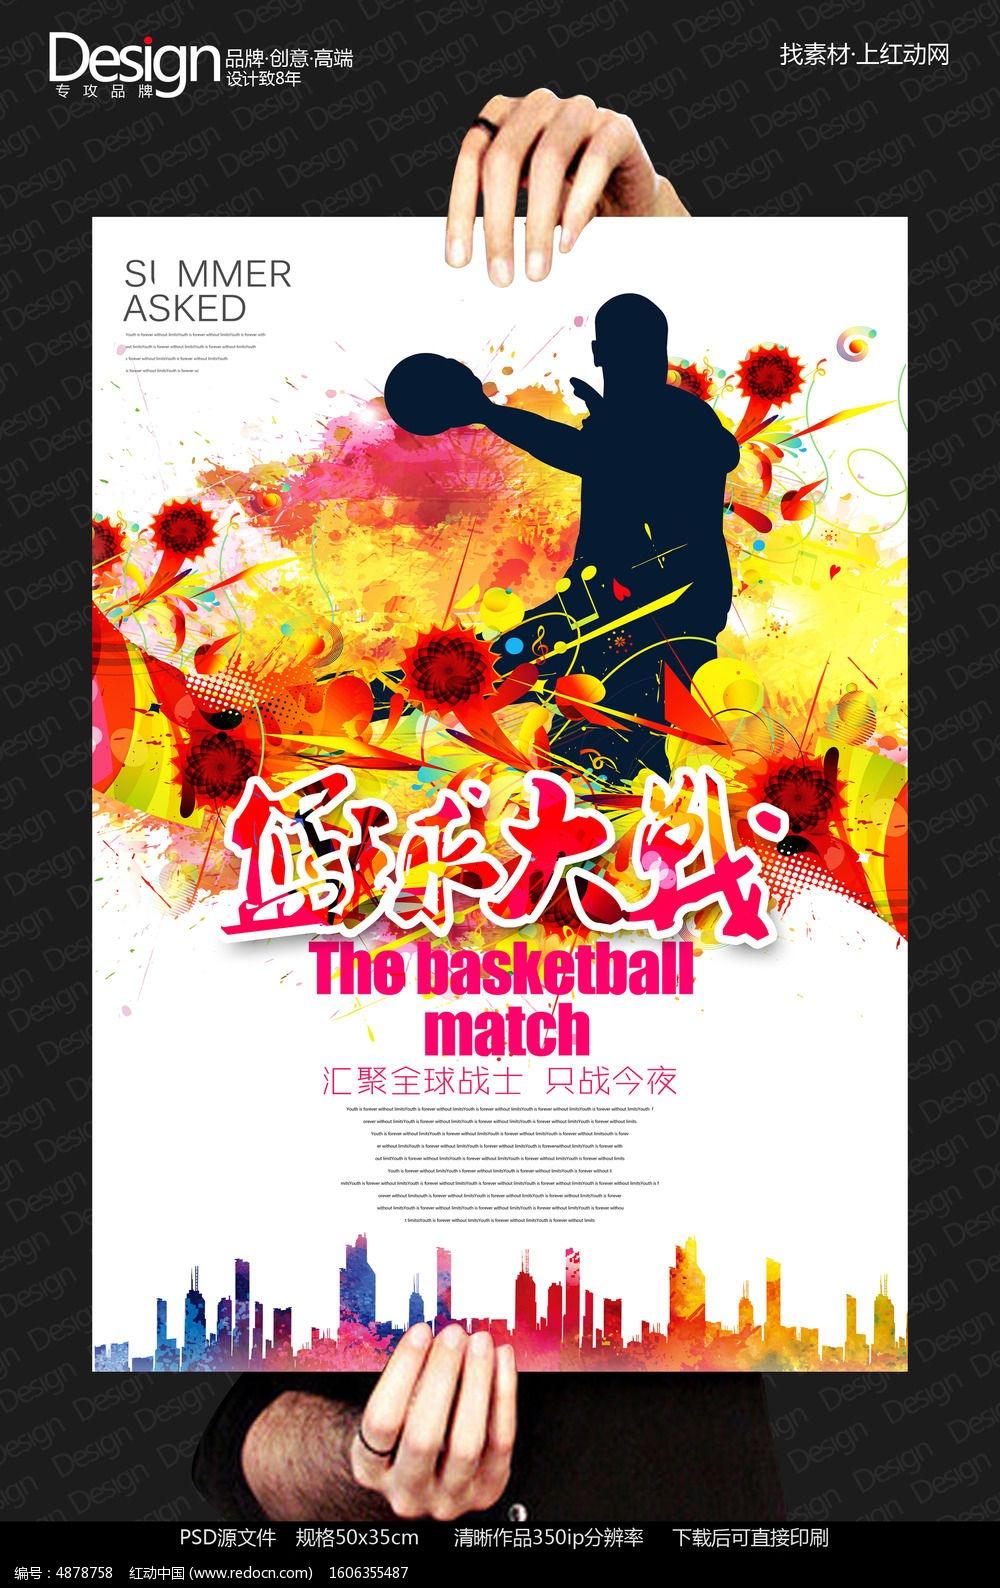 彩墨篮球大战篮球比赛海报设计图片